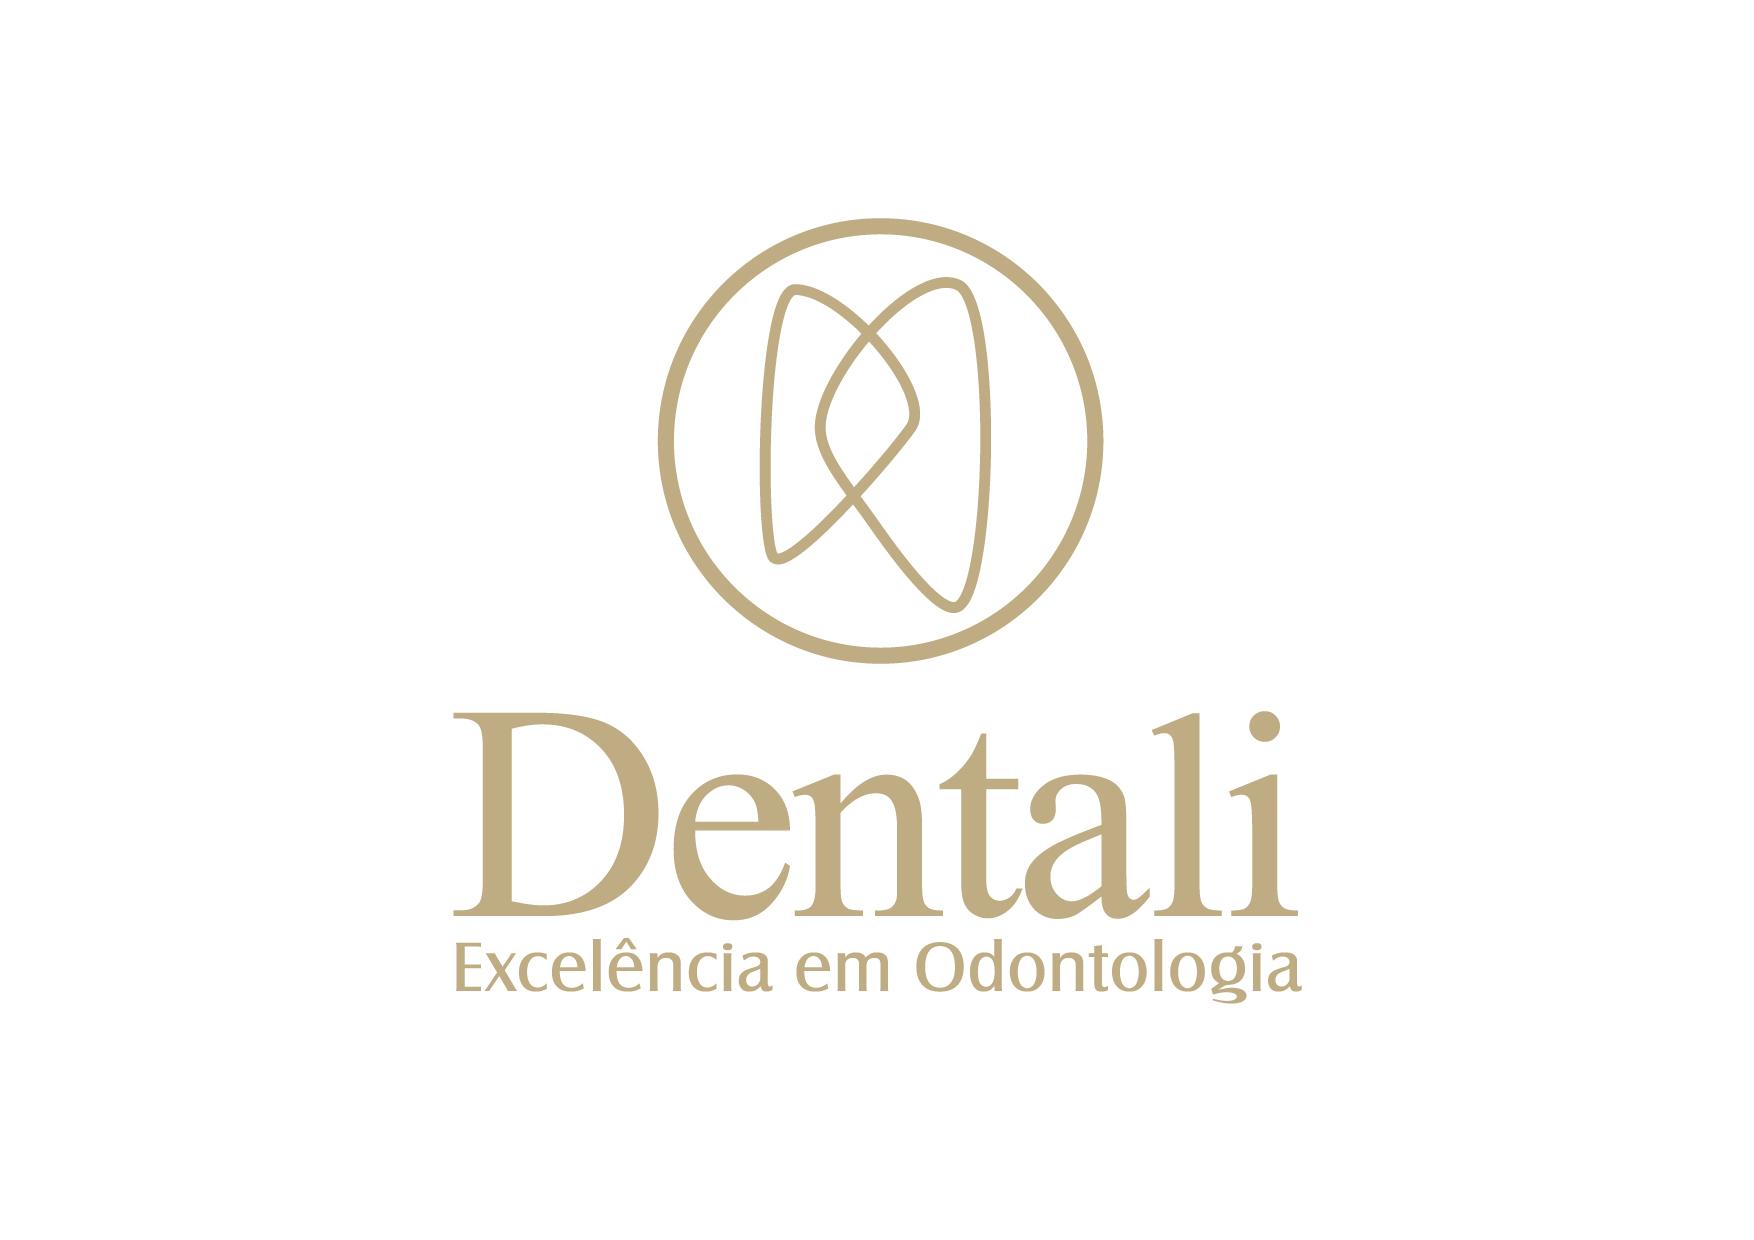 Dentali Odontologia